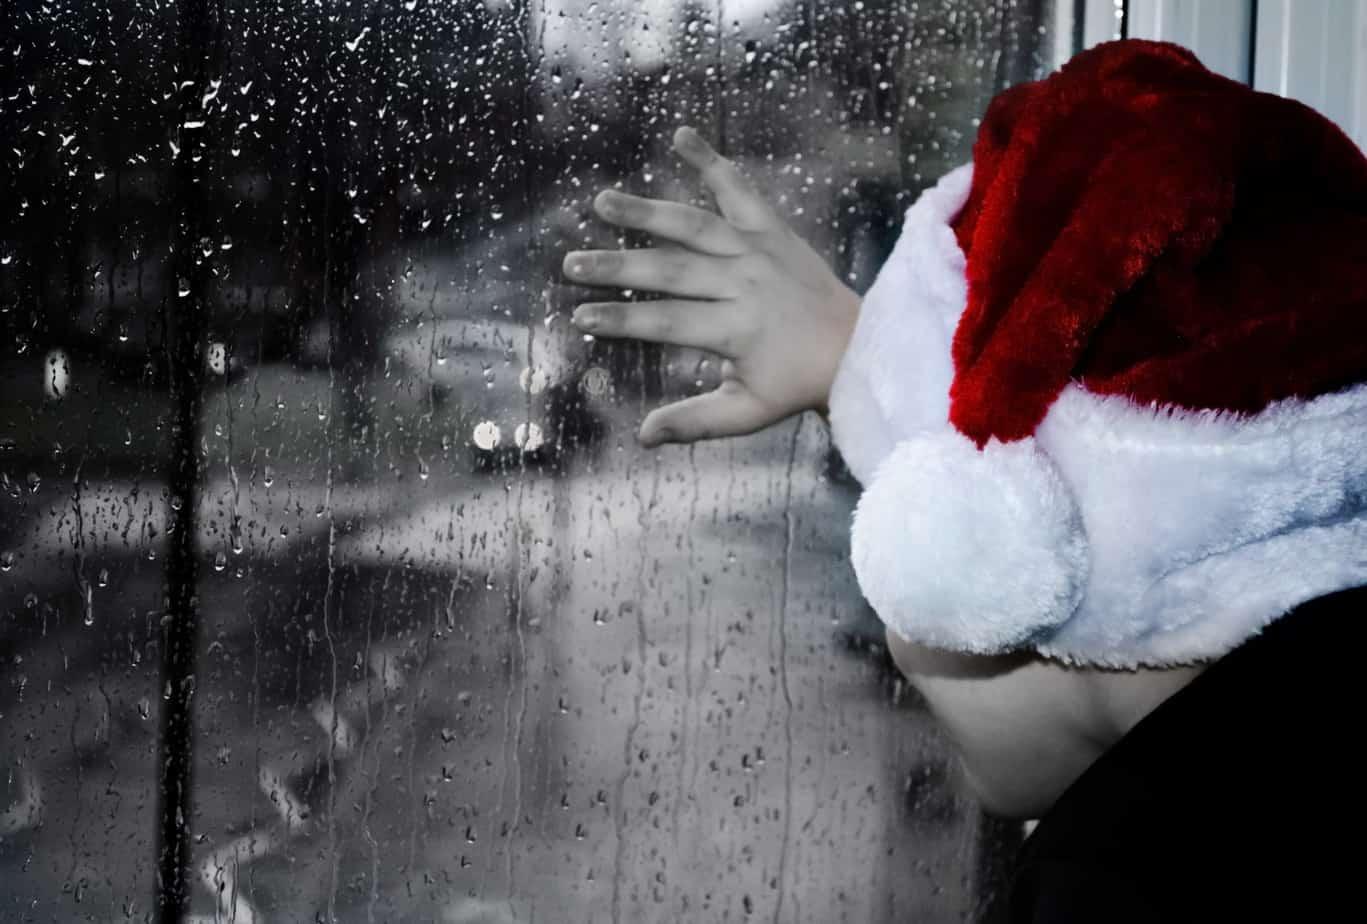 ¿Navidad con lluvia? Una semana de extremos en Los Ángeles y alrededores: Hasta 33°